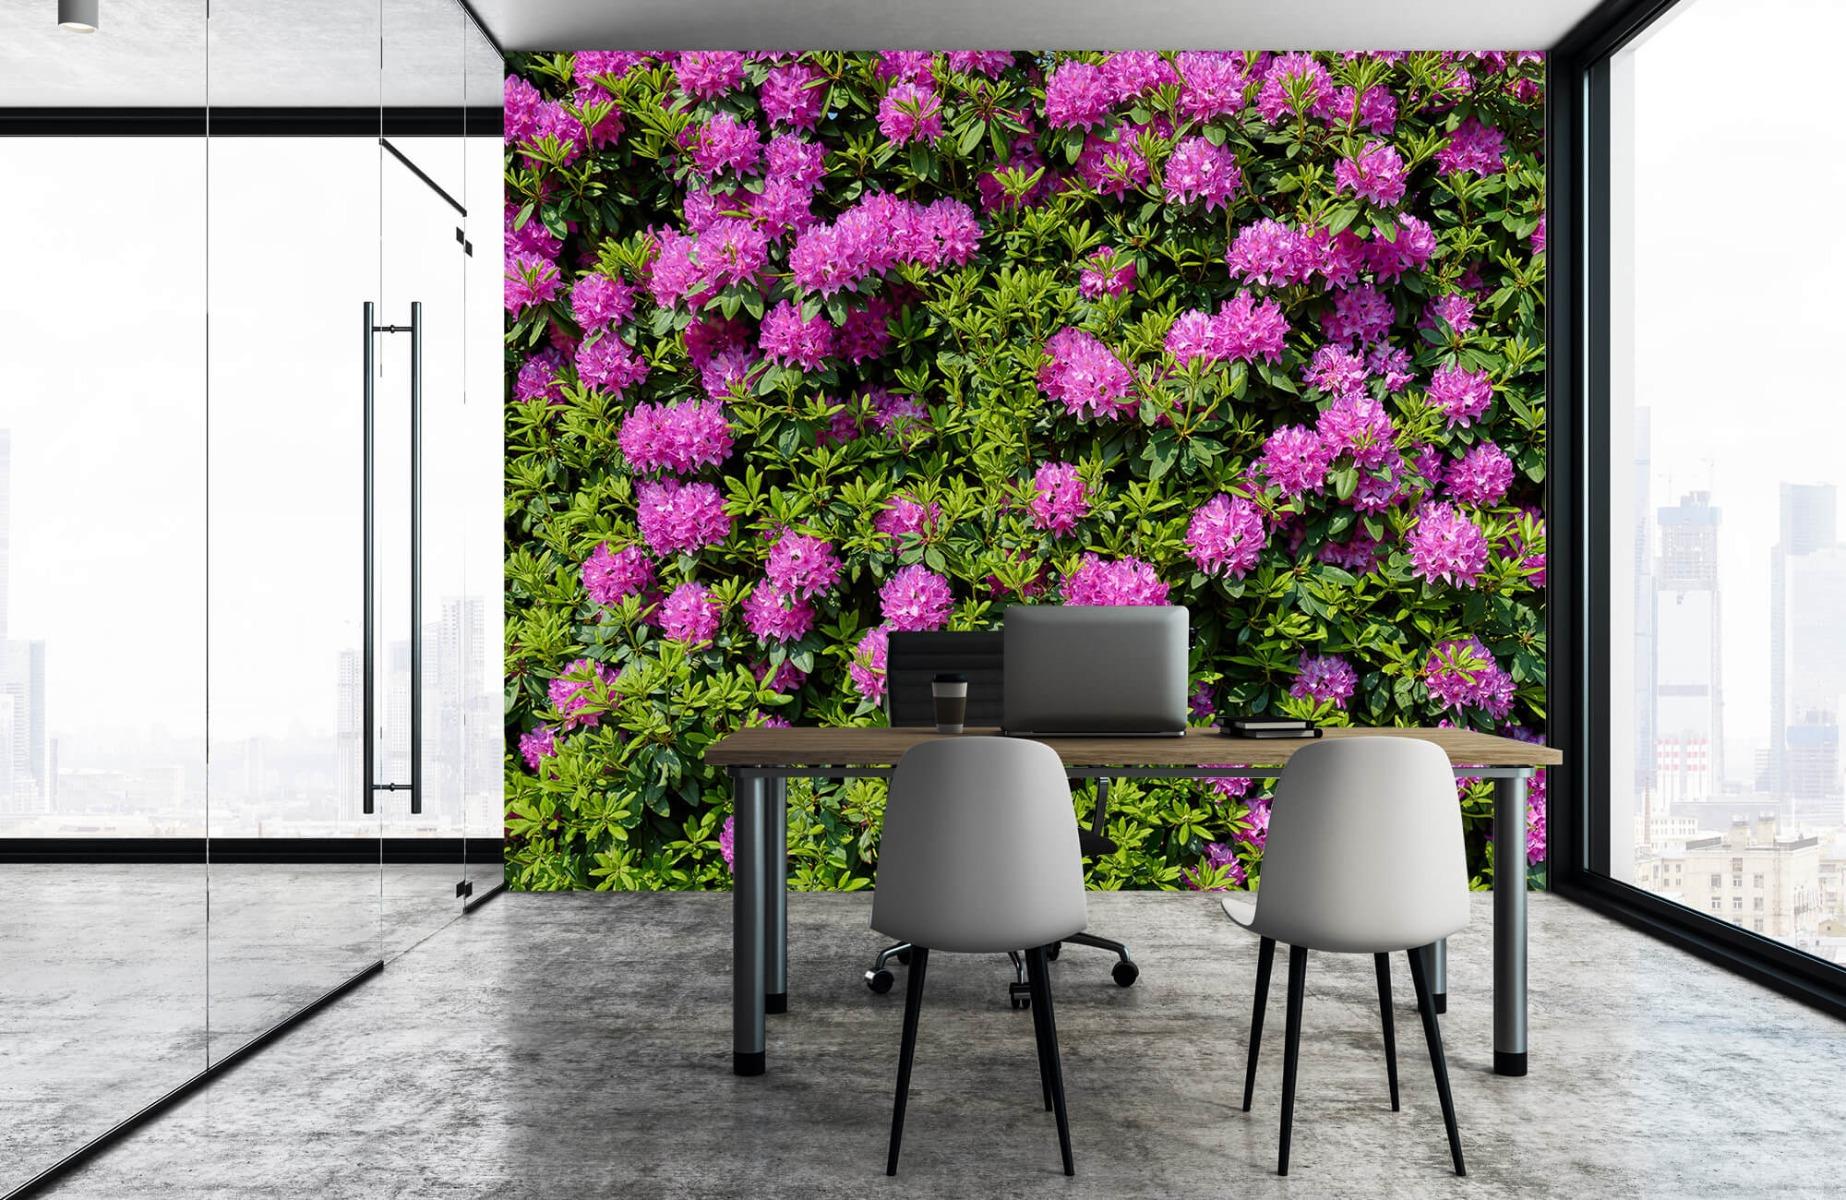 Bloemenvelden - Grote muur van rododendrons - Wallexclusive - Woonkamer 4